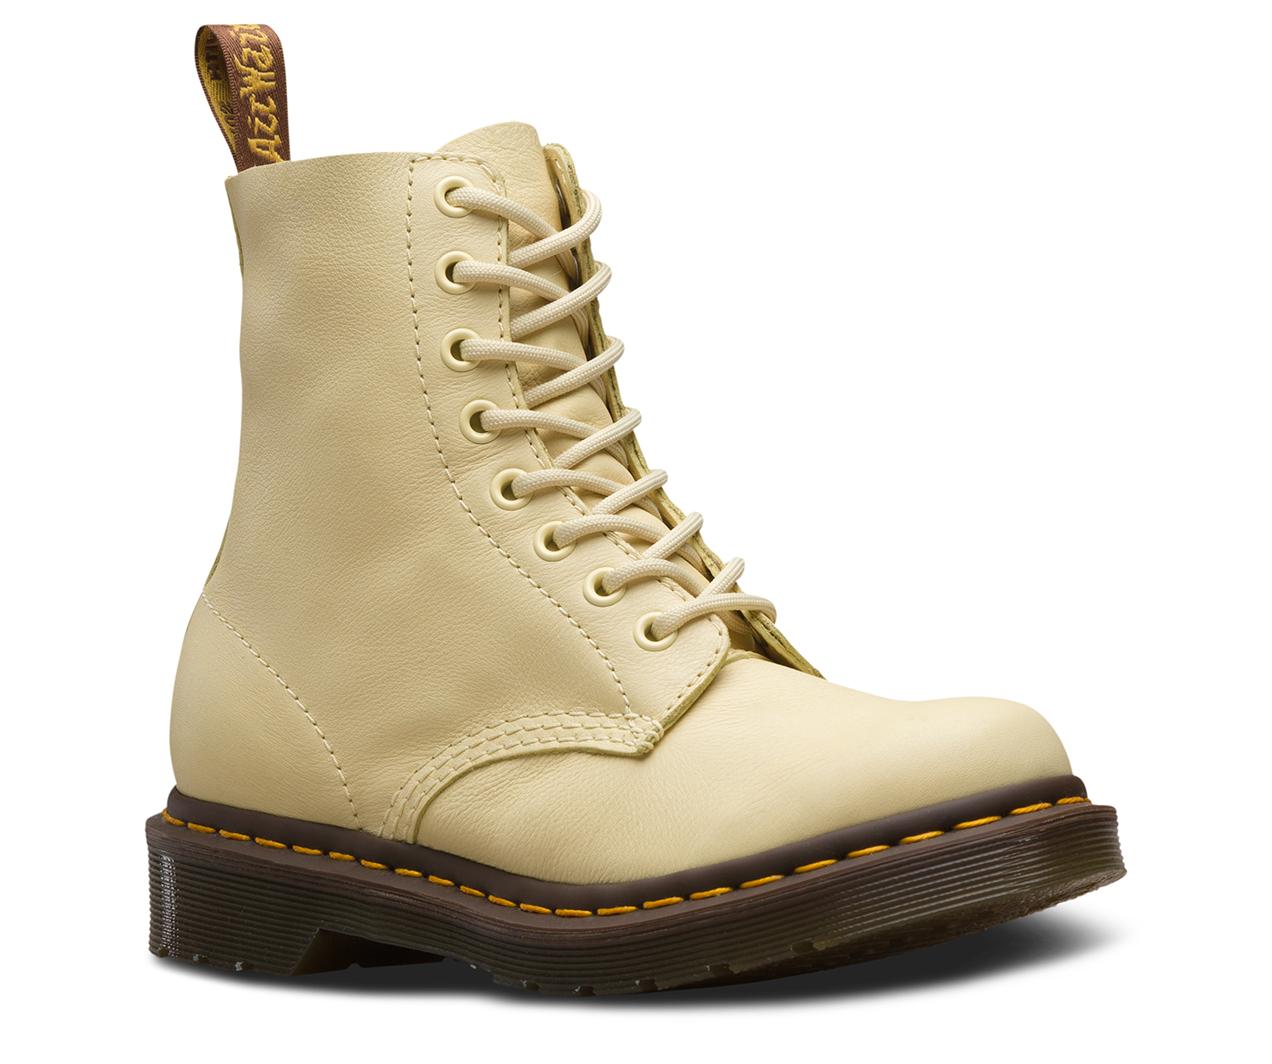 Идеальное сочетание: ботинки пастельных оттенков | Модные тренды | Красота